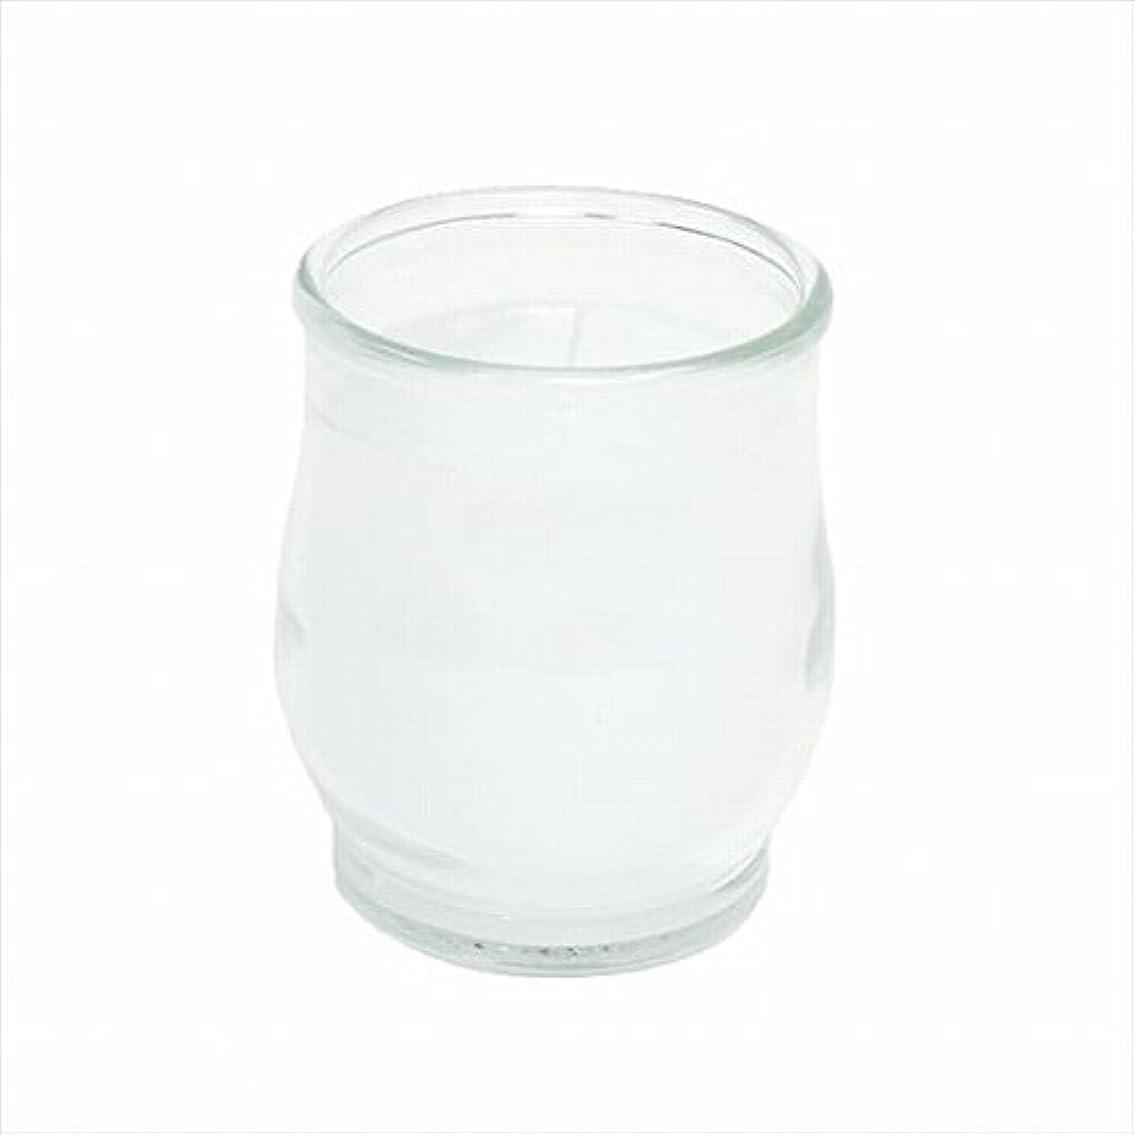 ほのかアンタゴニストボットカメヤマキャンドル(kameyama candle) ポシェ(非常用コップローソク) 「 クリア 」